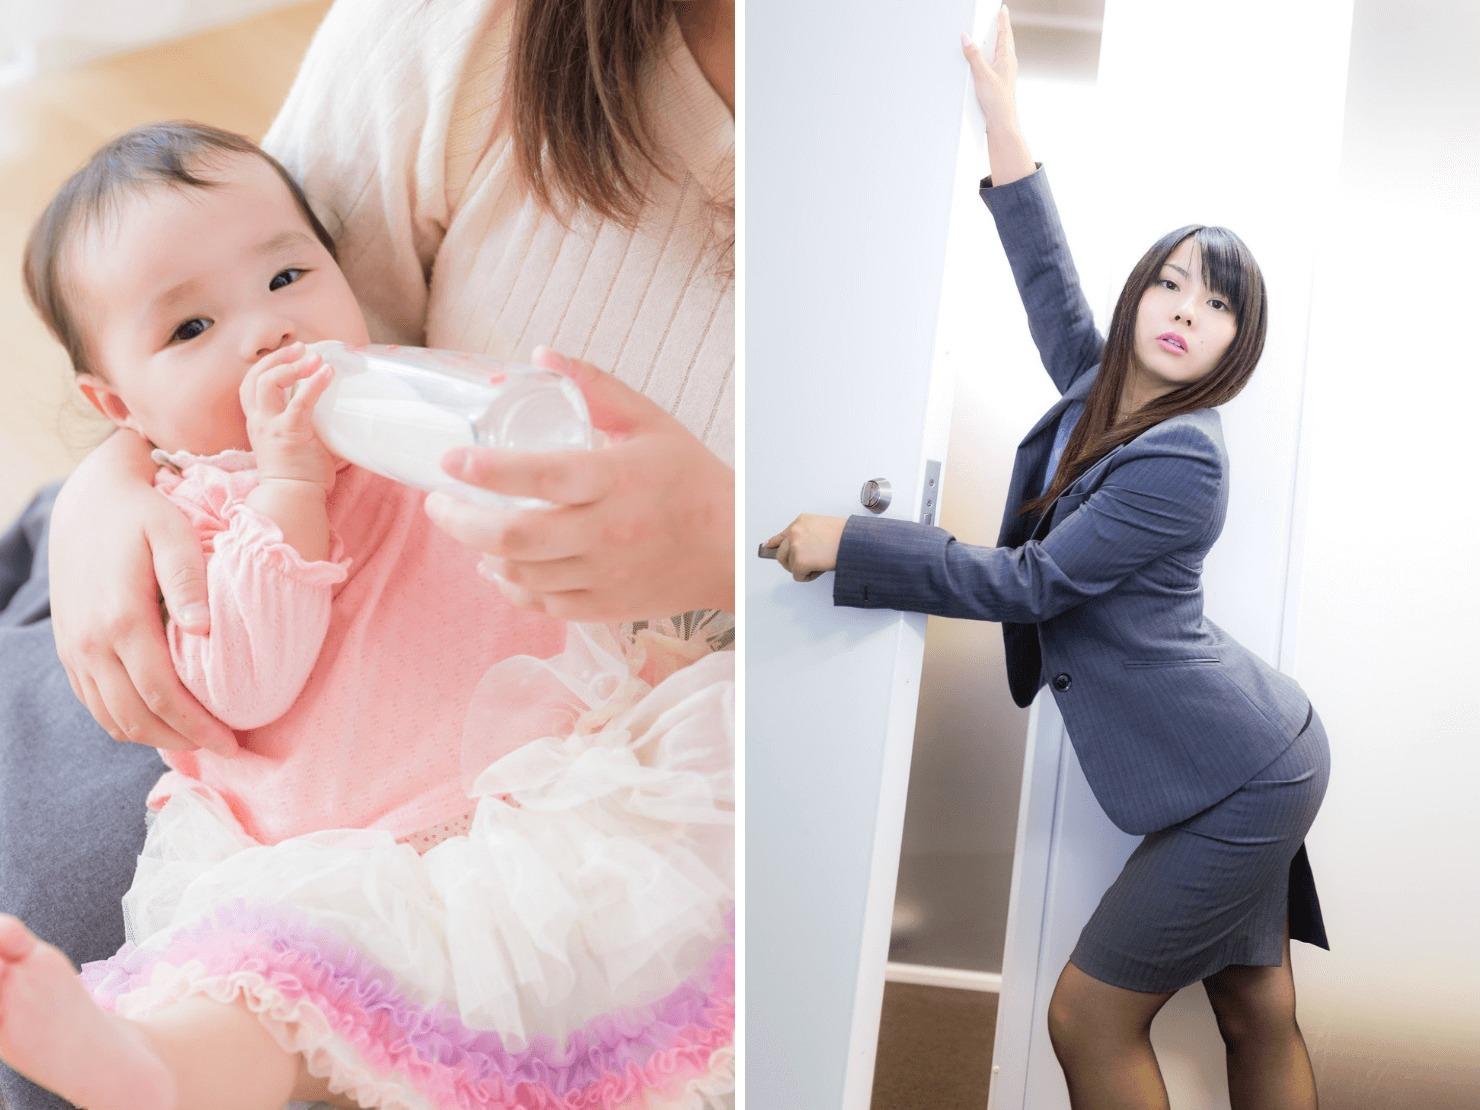 専業主婦と外で働く女性の写真